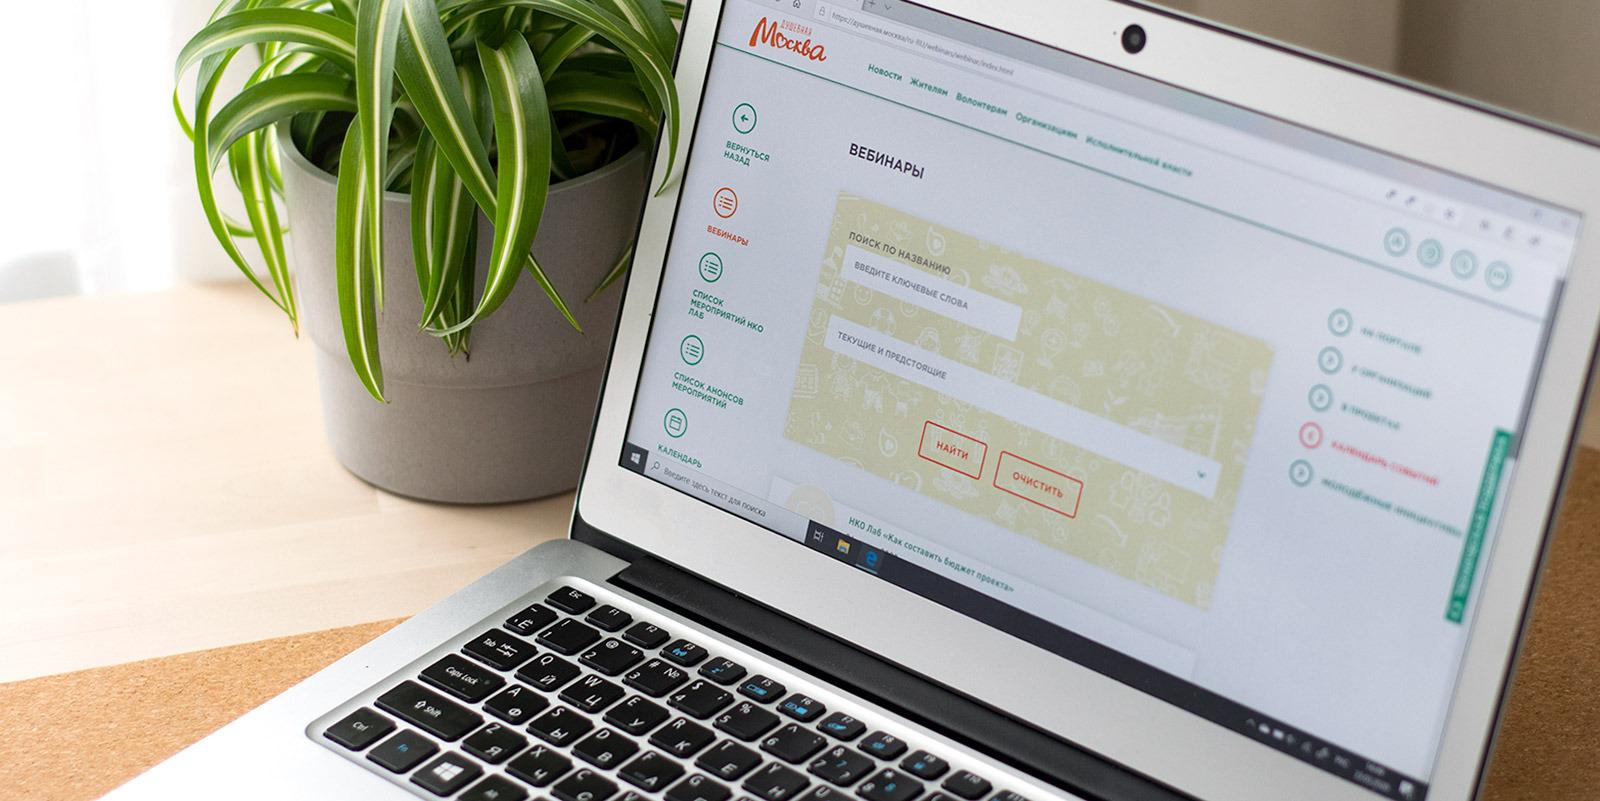 Еженедельные мастер-классы и семинары городской образовательной программы «НКО Лаб» будут проходить онлайн